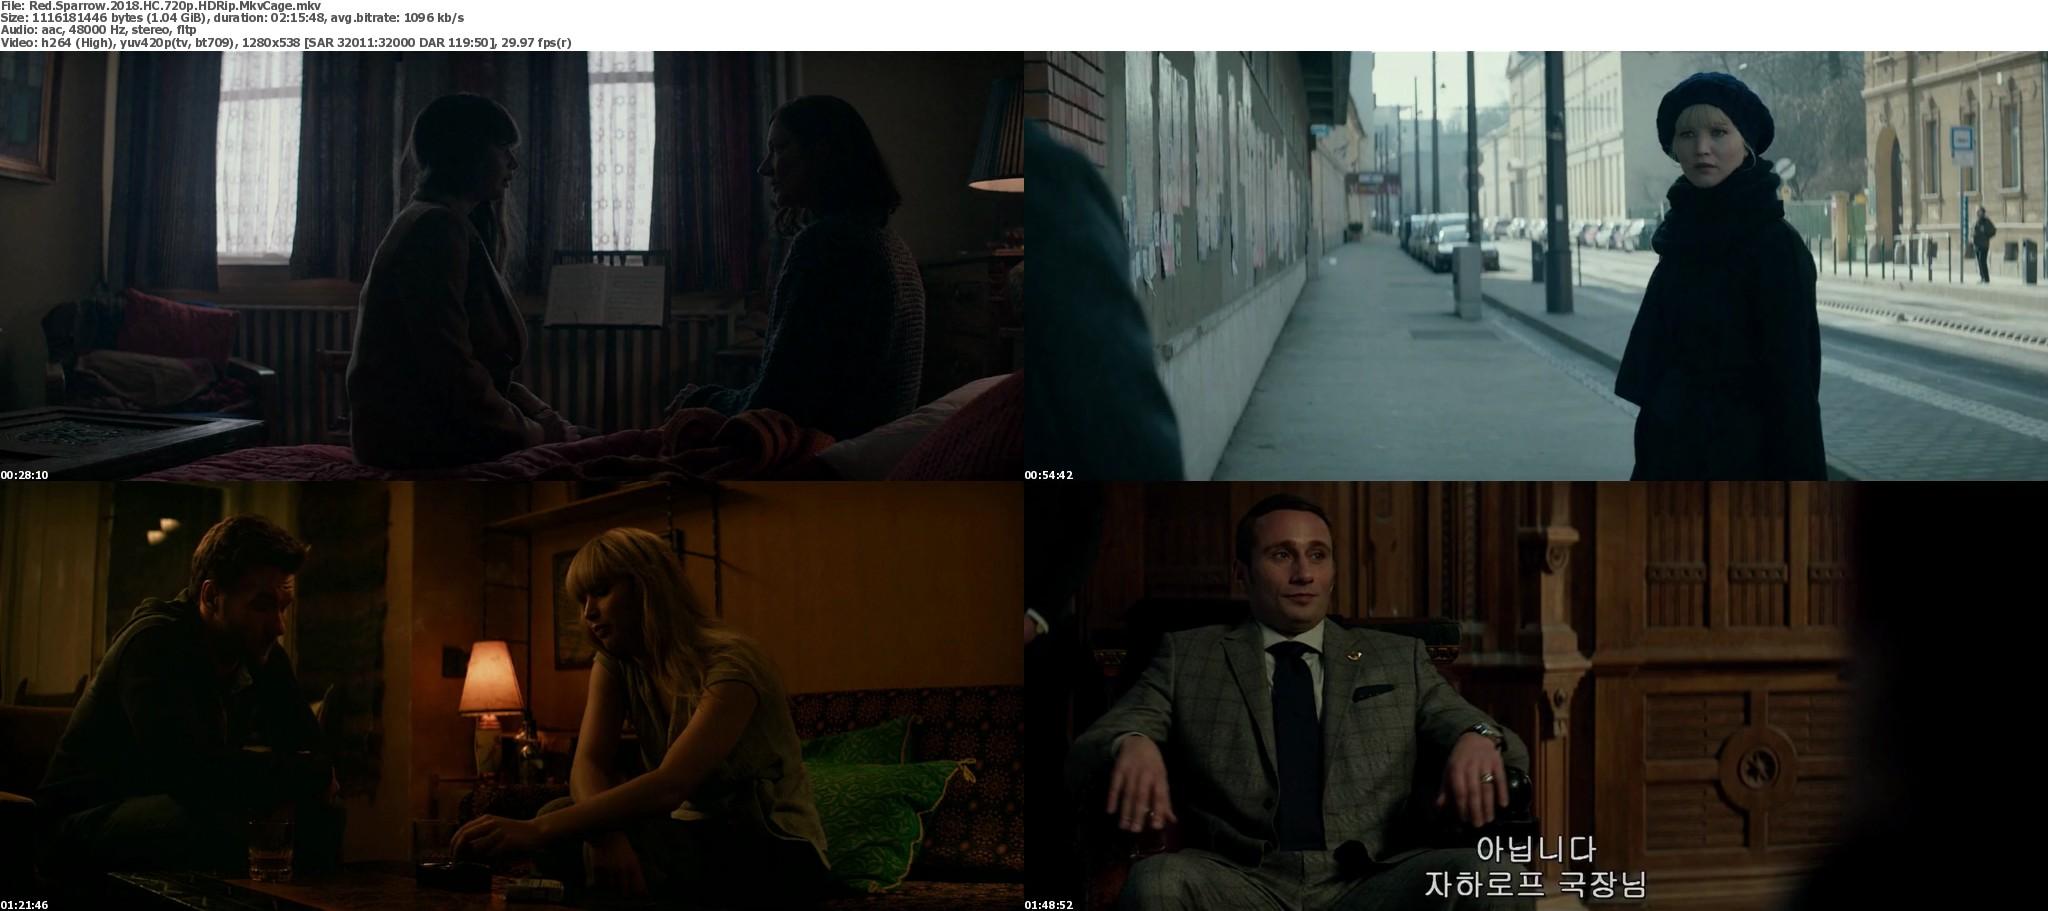 Moviesak47info Moviesak47 Movies Tv Series 480p 720p - oukas info